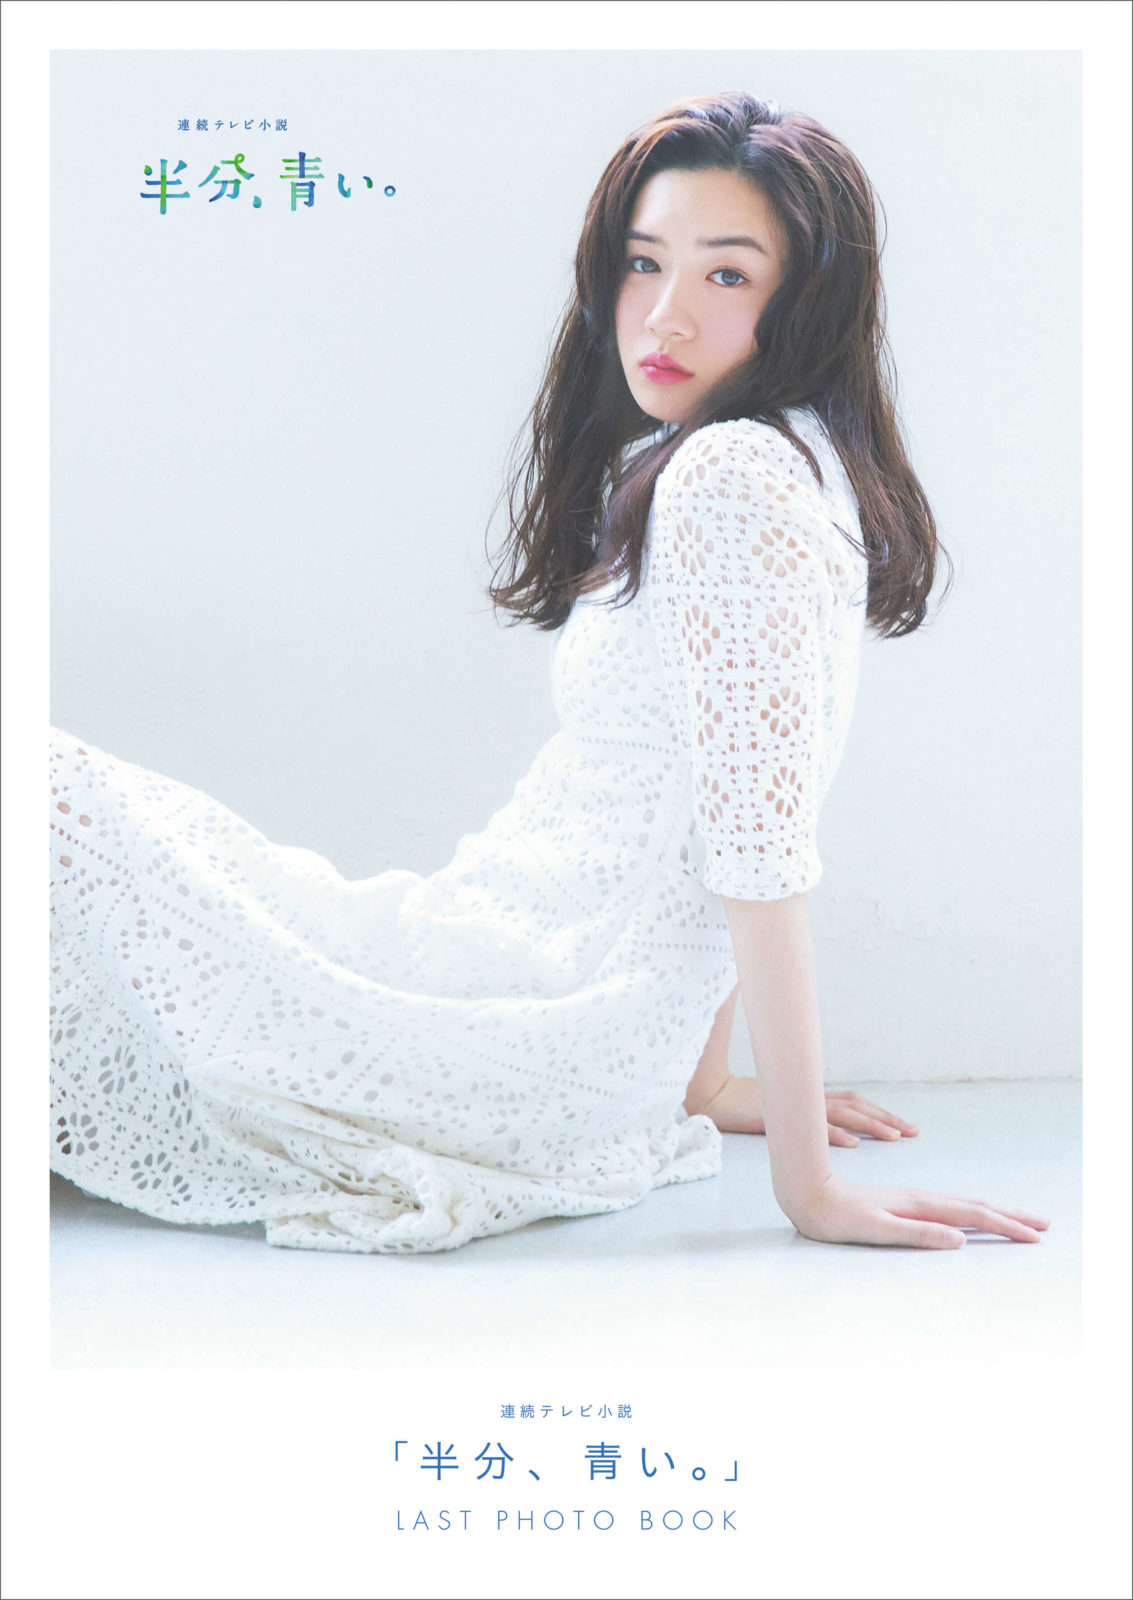 永野芽郁「半分、青い。」クライマックスの感想に言及 「驚いて台本をお風呂に…」サムネイル画像